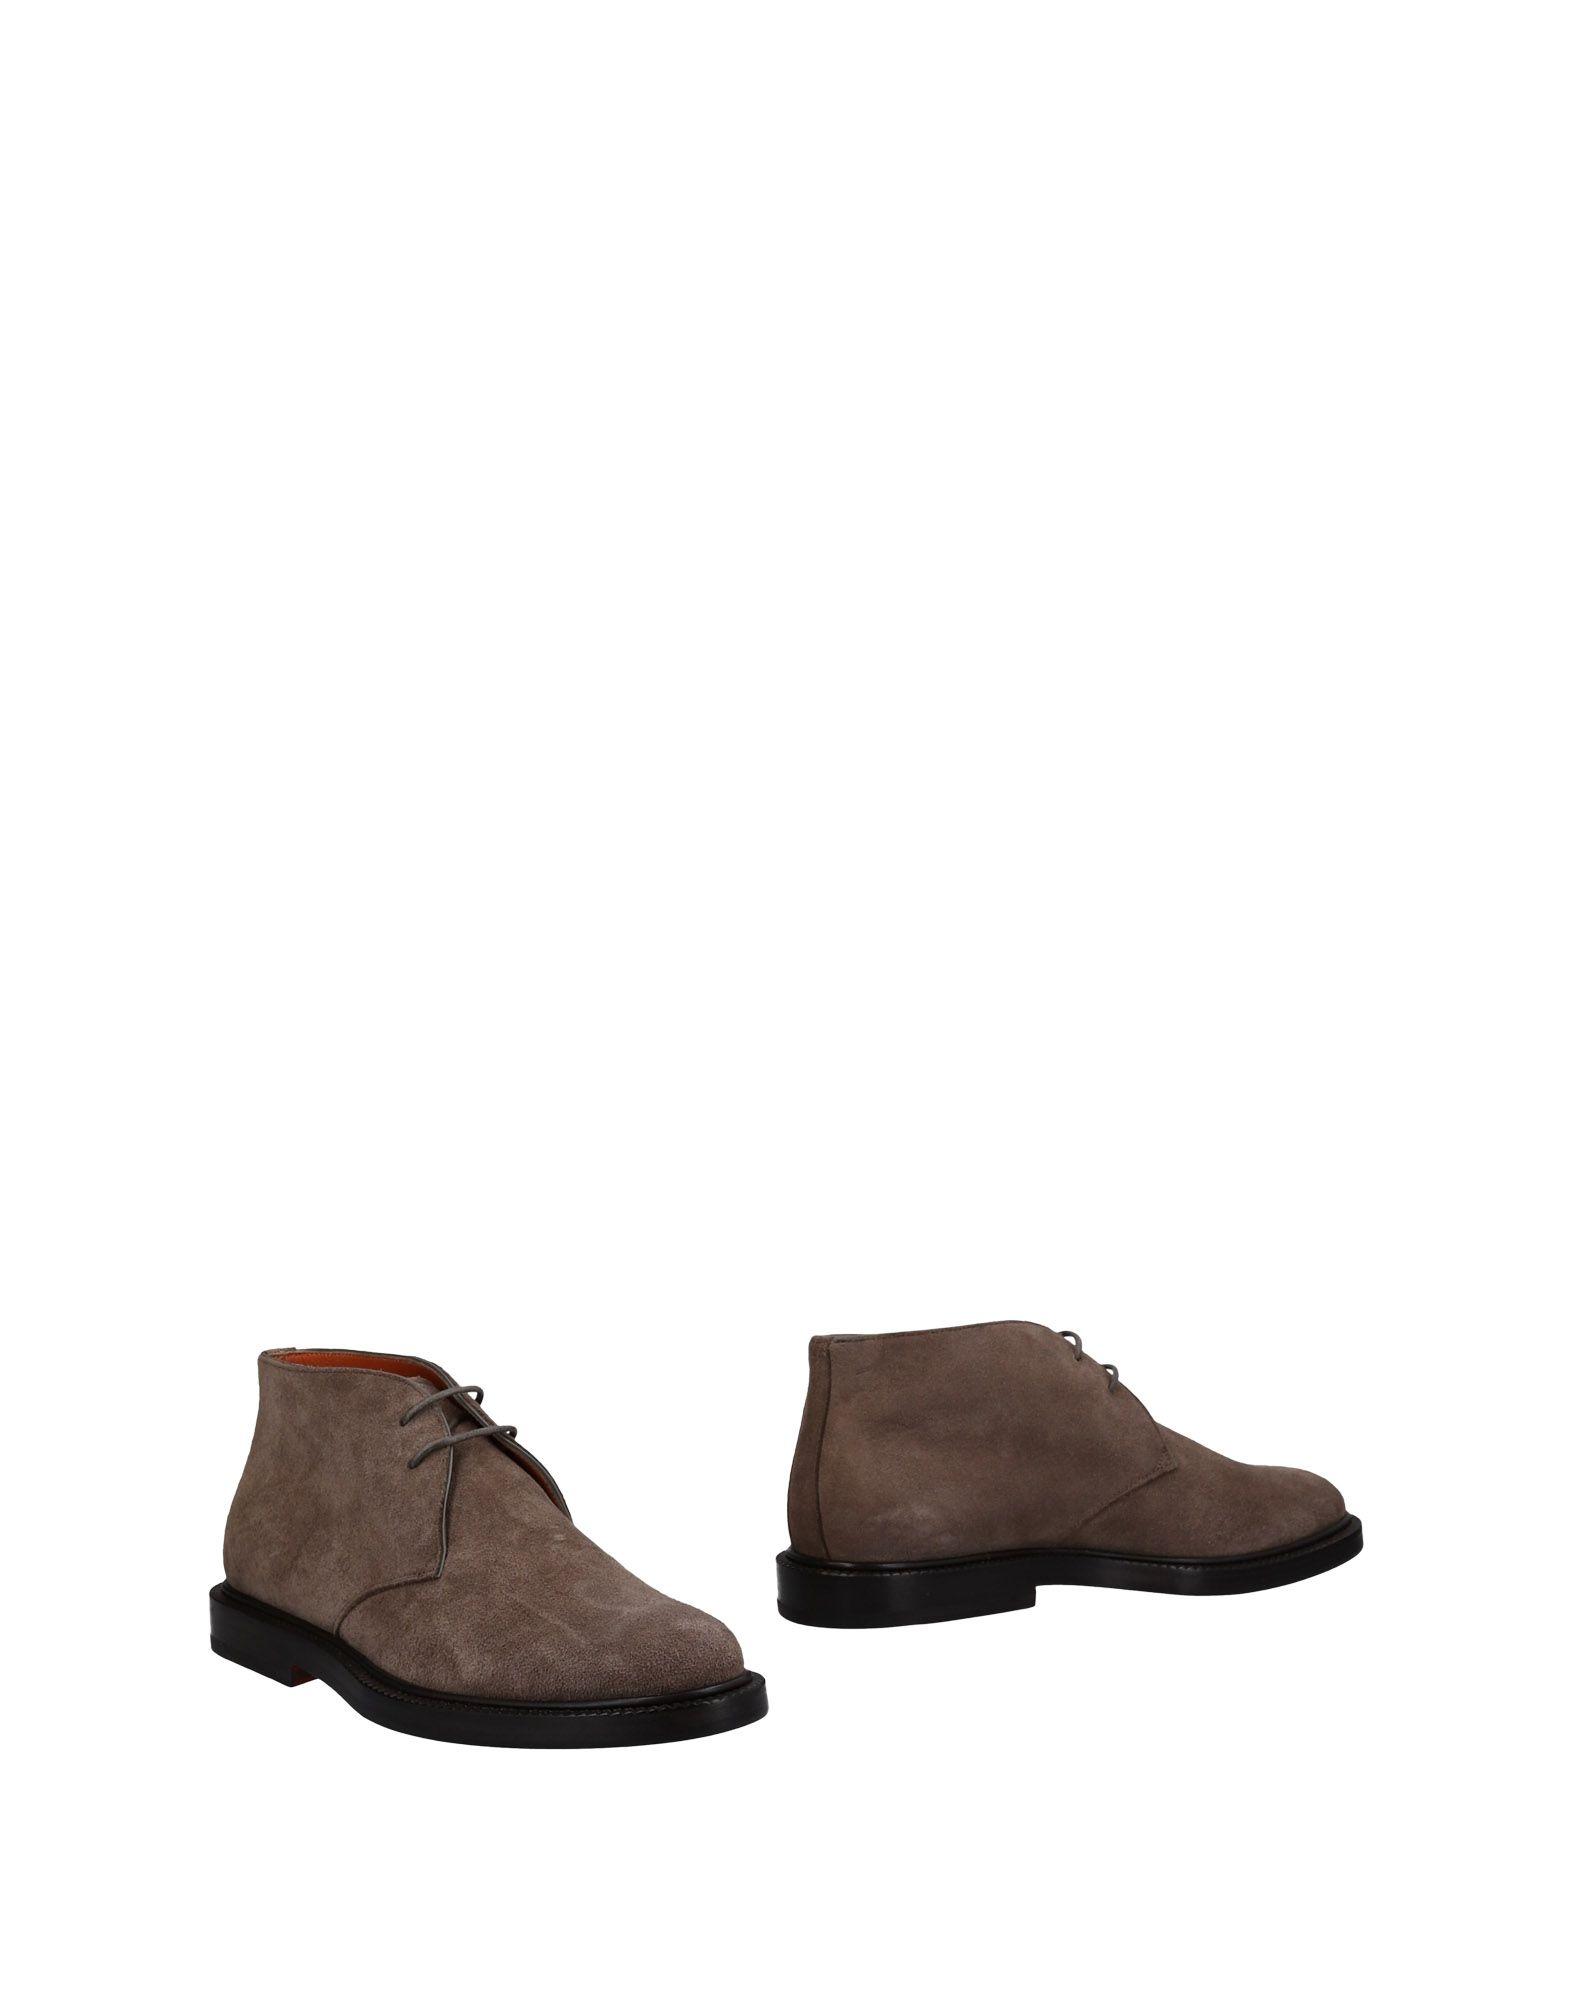 Santoni Stiefelette Herren  11476363PD Gute Qualität beliebte Schuhe